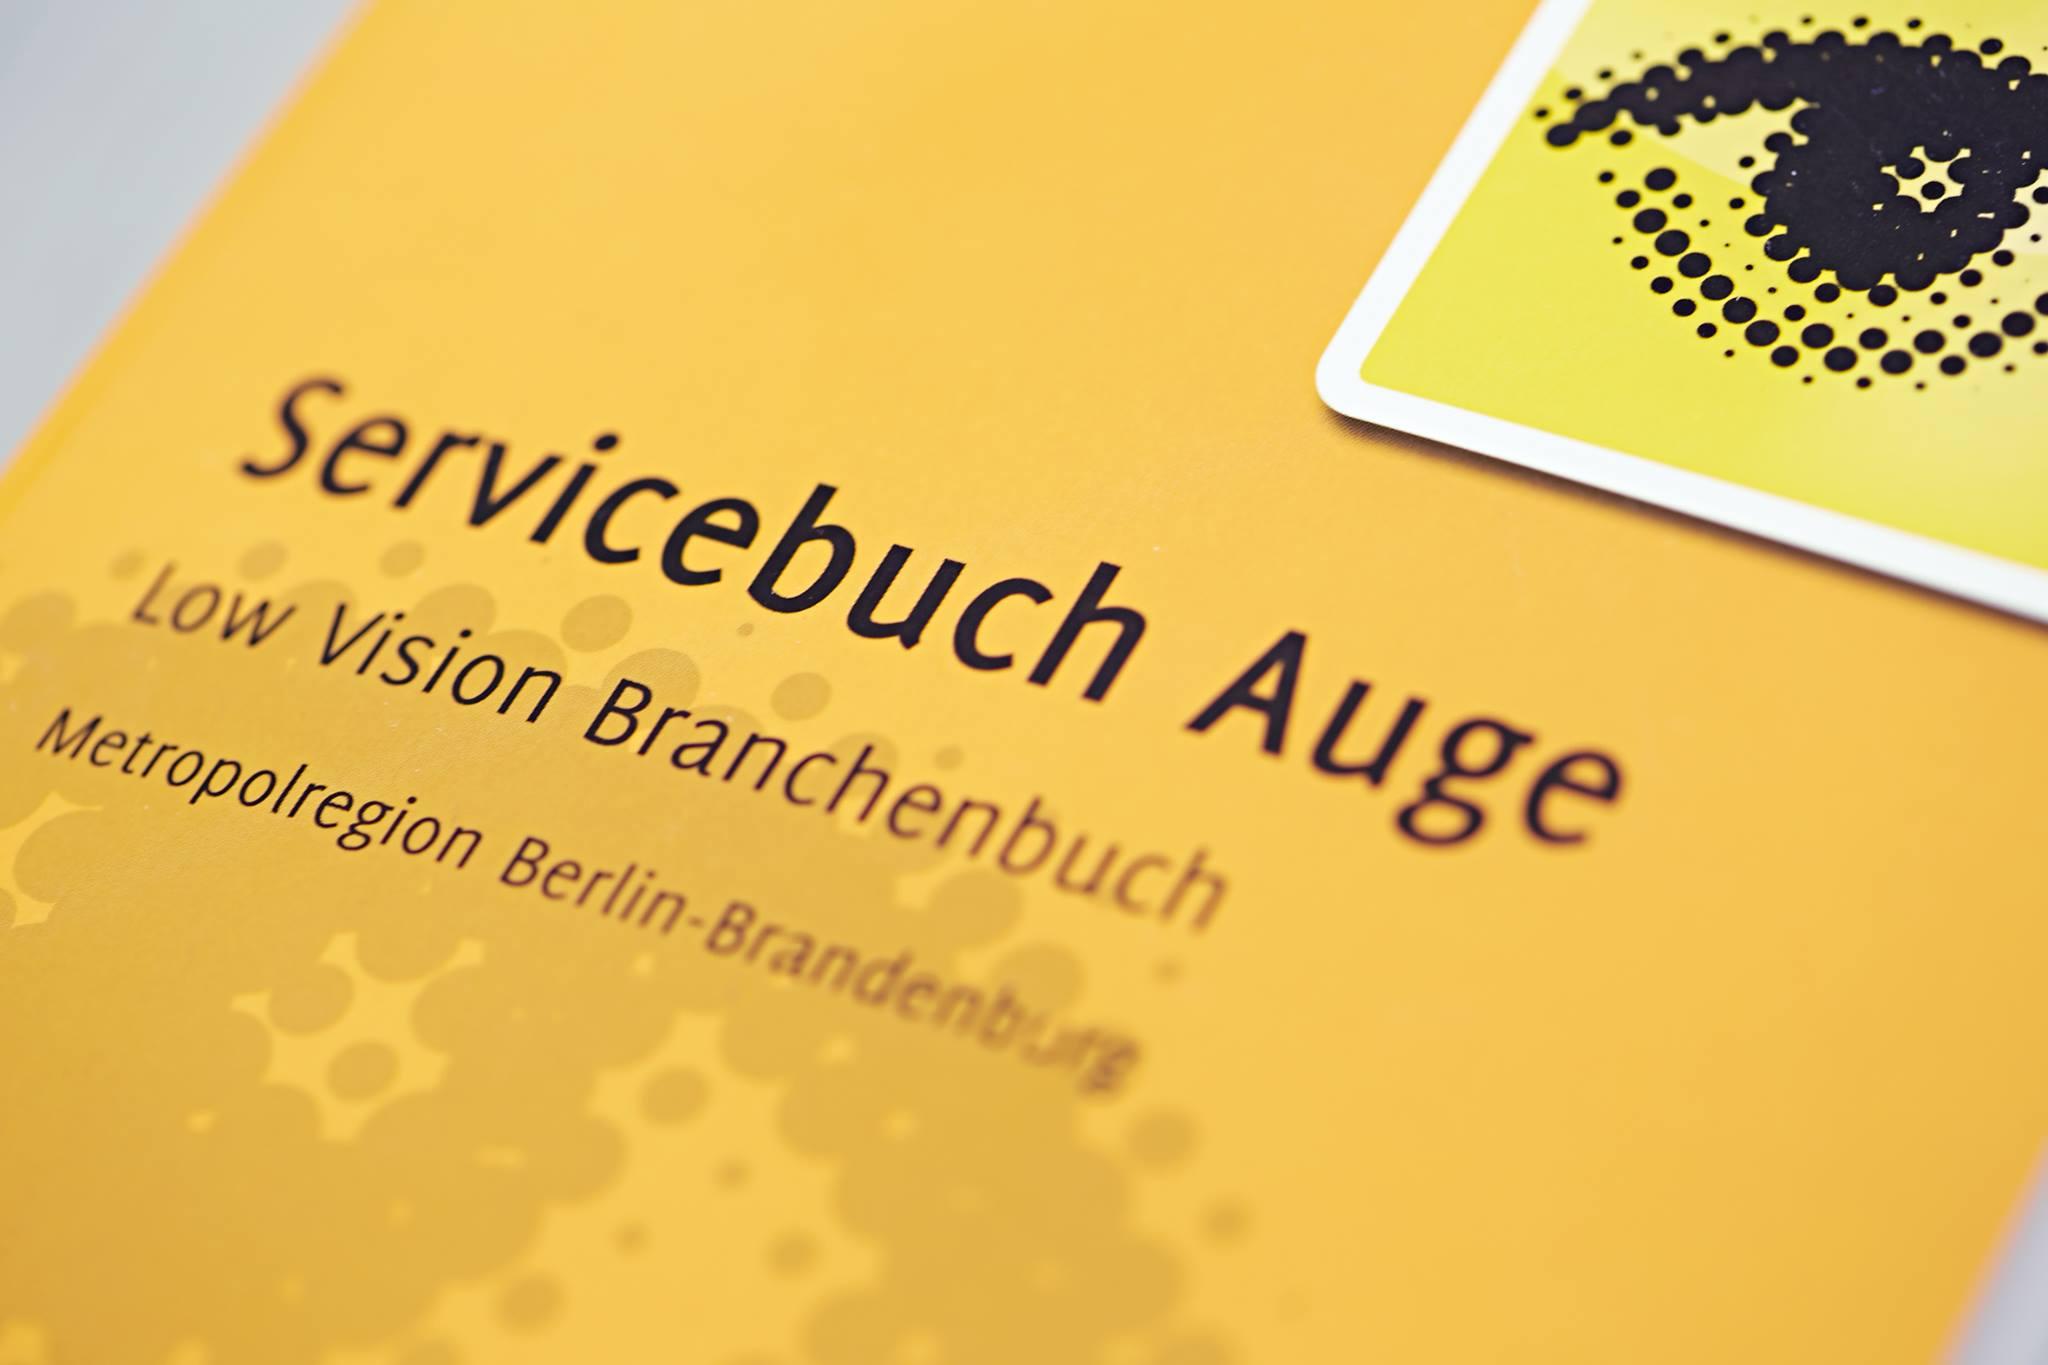 Servicebuch Auge: PRO RETINA Deutschland e.V. und der  Servicebuch-Verlag legen erste deutschlandweite Ausgabe auf